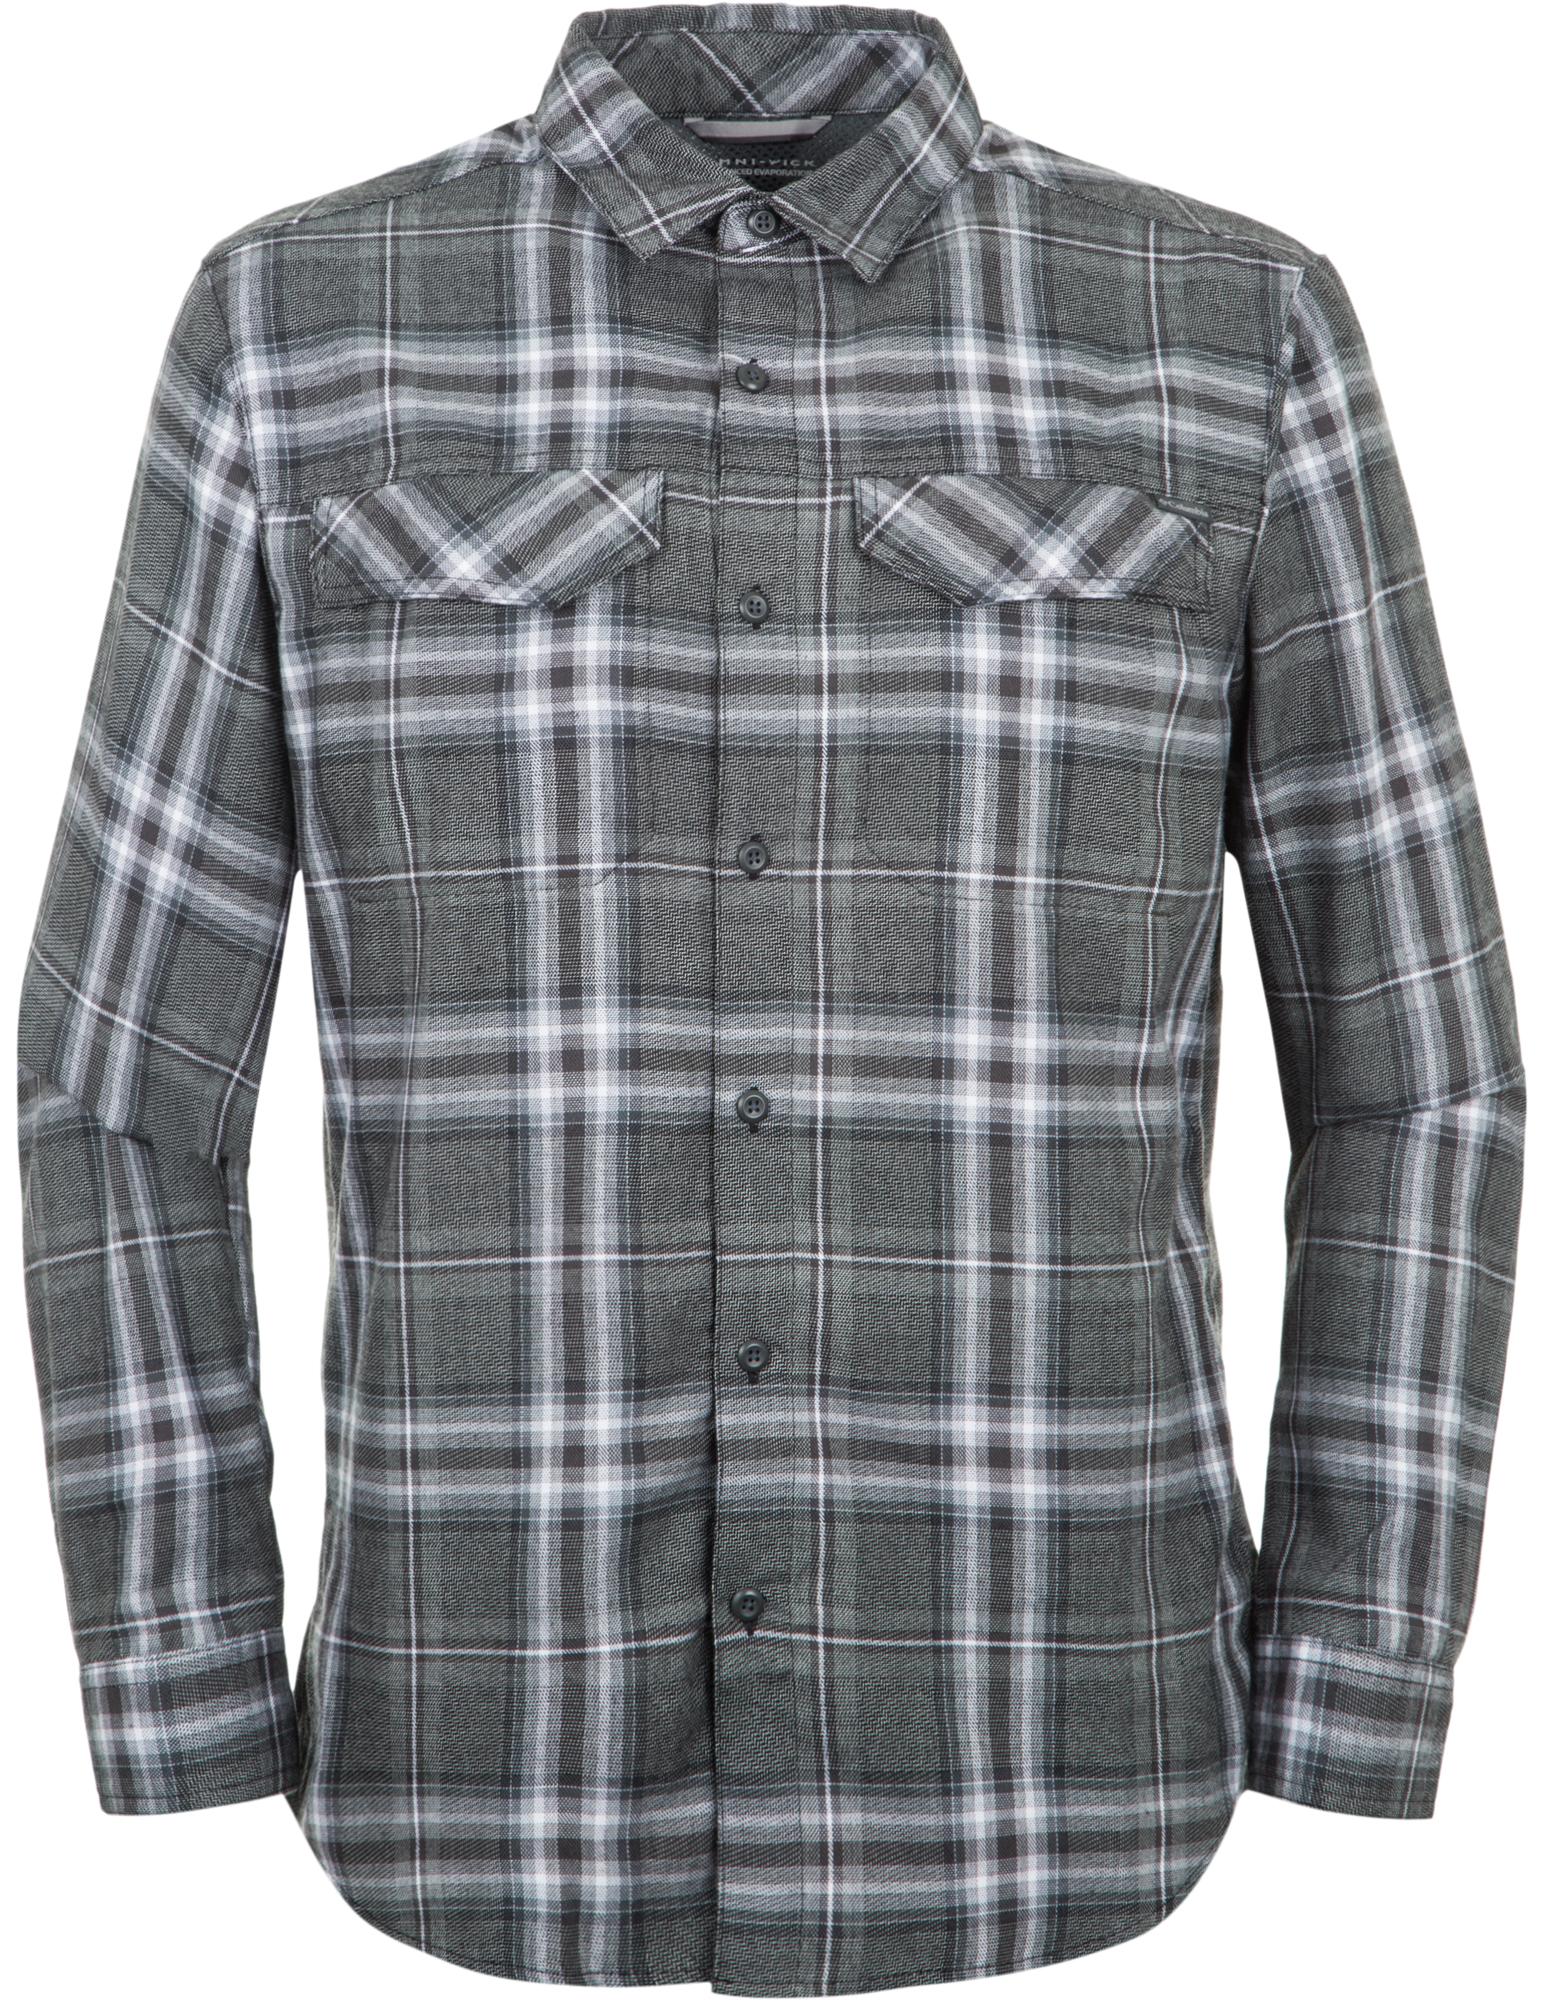 Columbia Рубашка с длинным рукавом мужская Columbia Silver Ridge, размер 56-58 стоимость